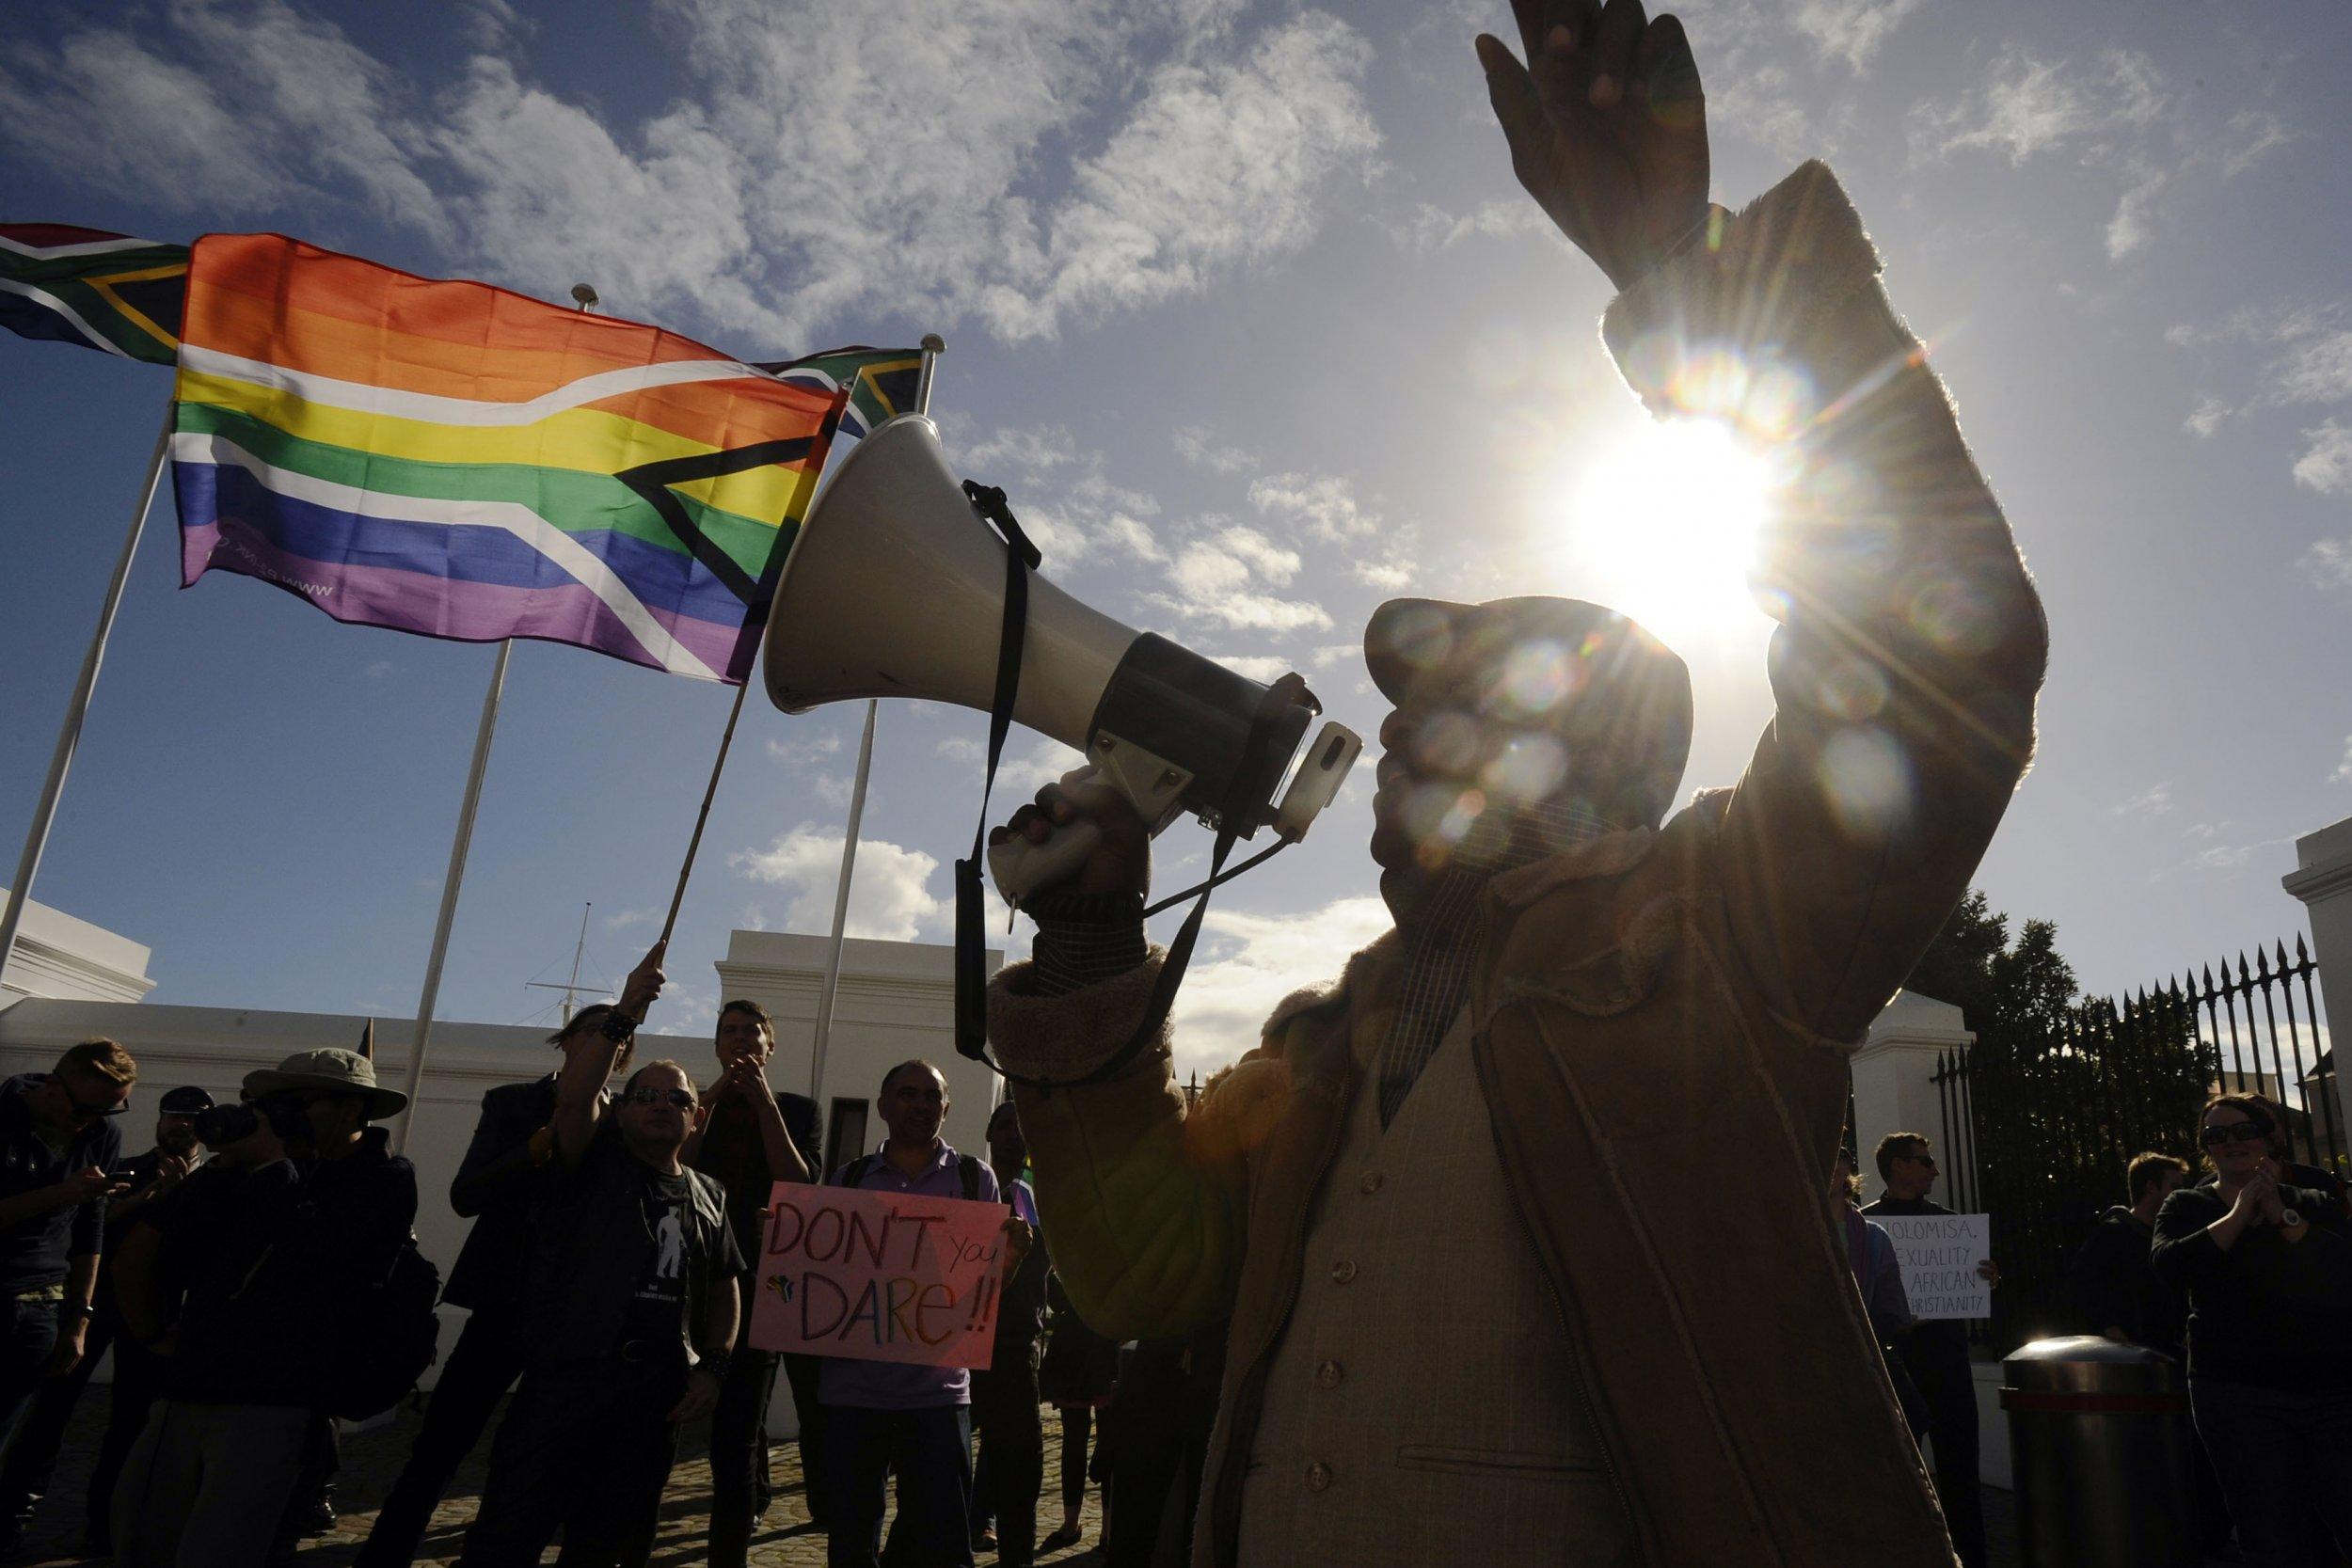 South Africa rainbow flag